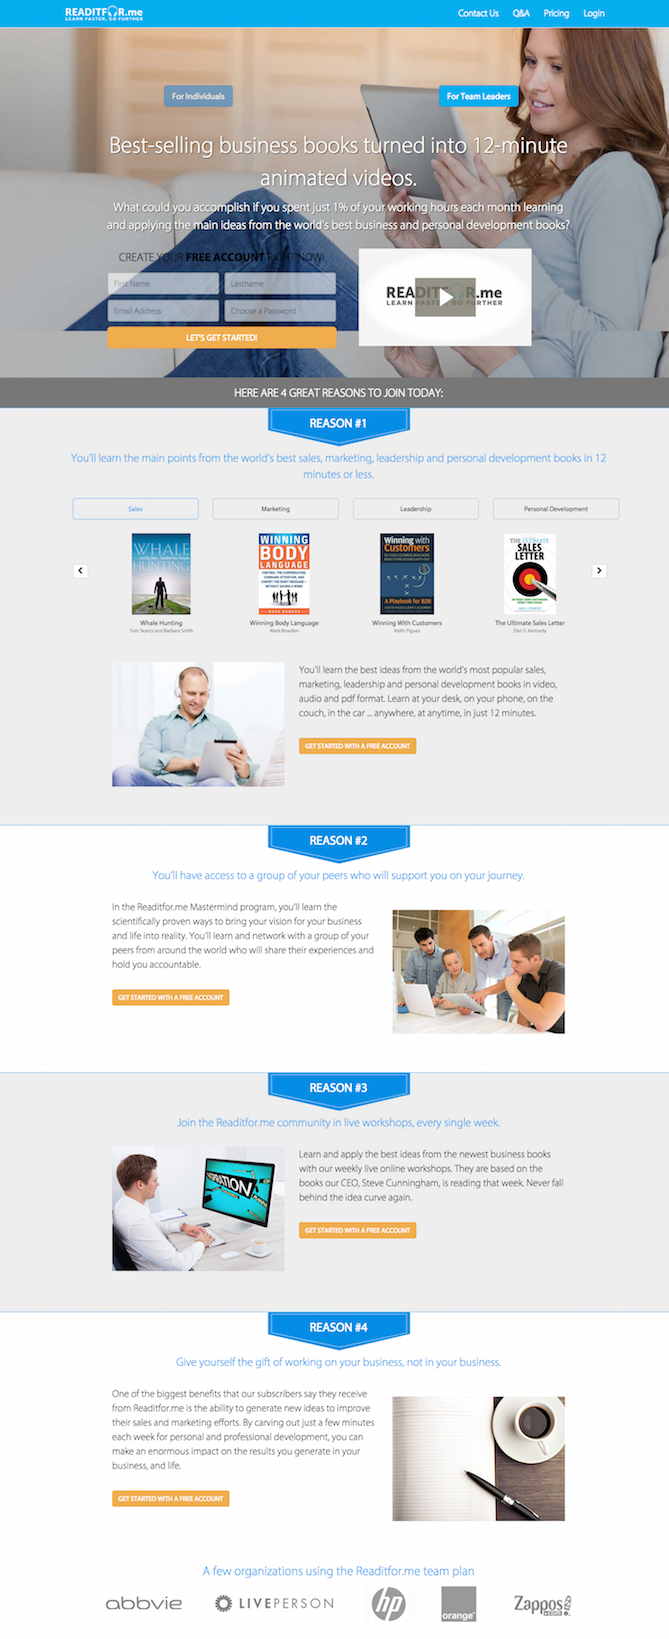 readitforme-landing-page.png